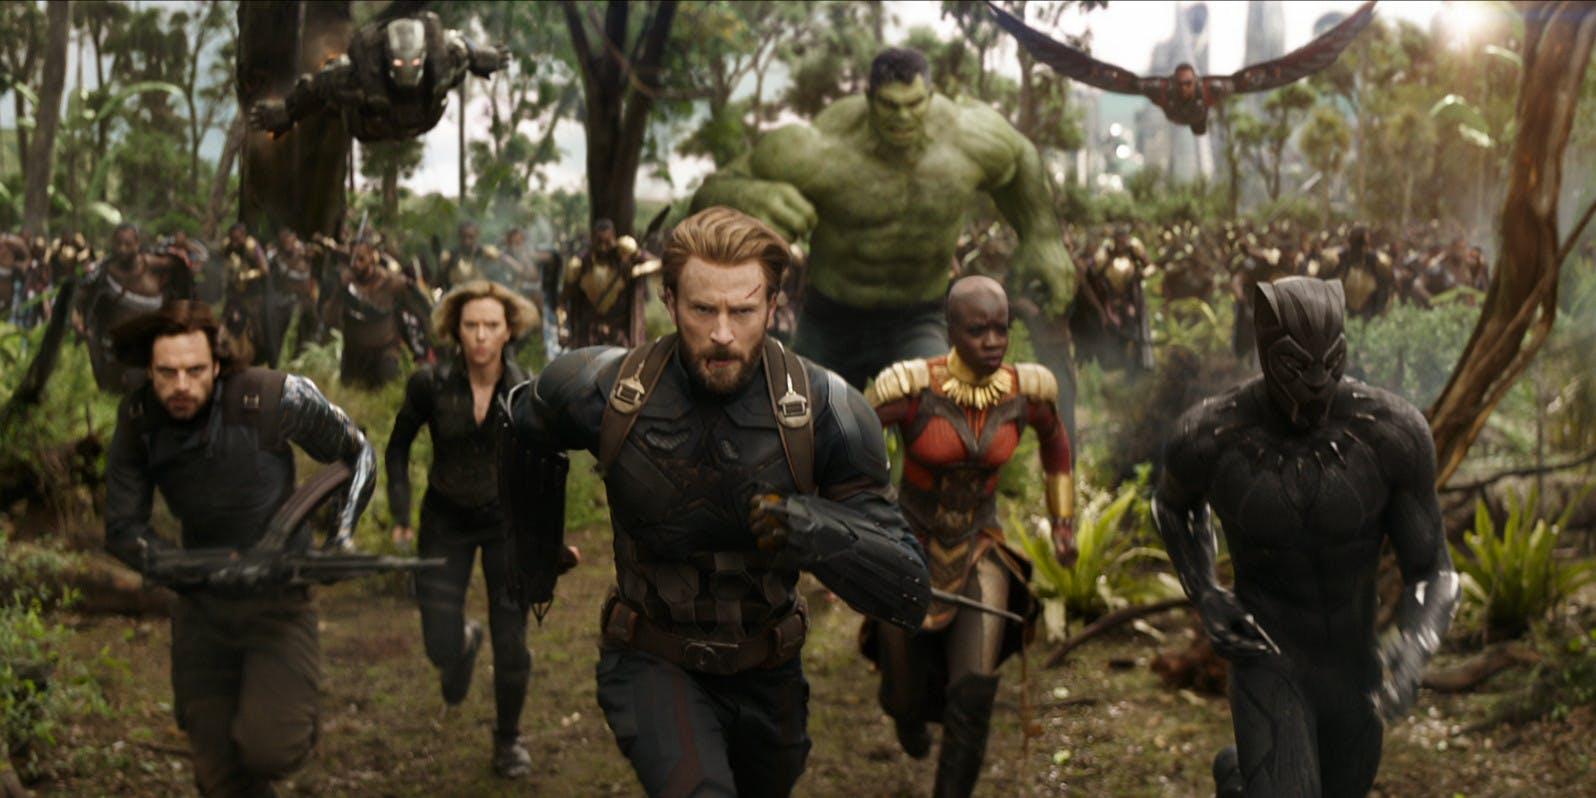 El disparo de Hulk en Wakanda en el trailer de Avengers: Infinity War fue una mala dirección deliberada